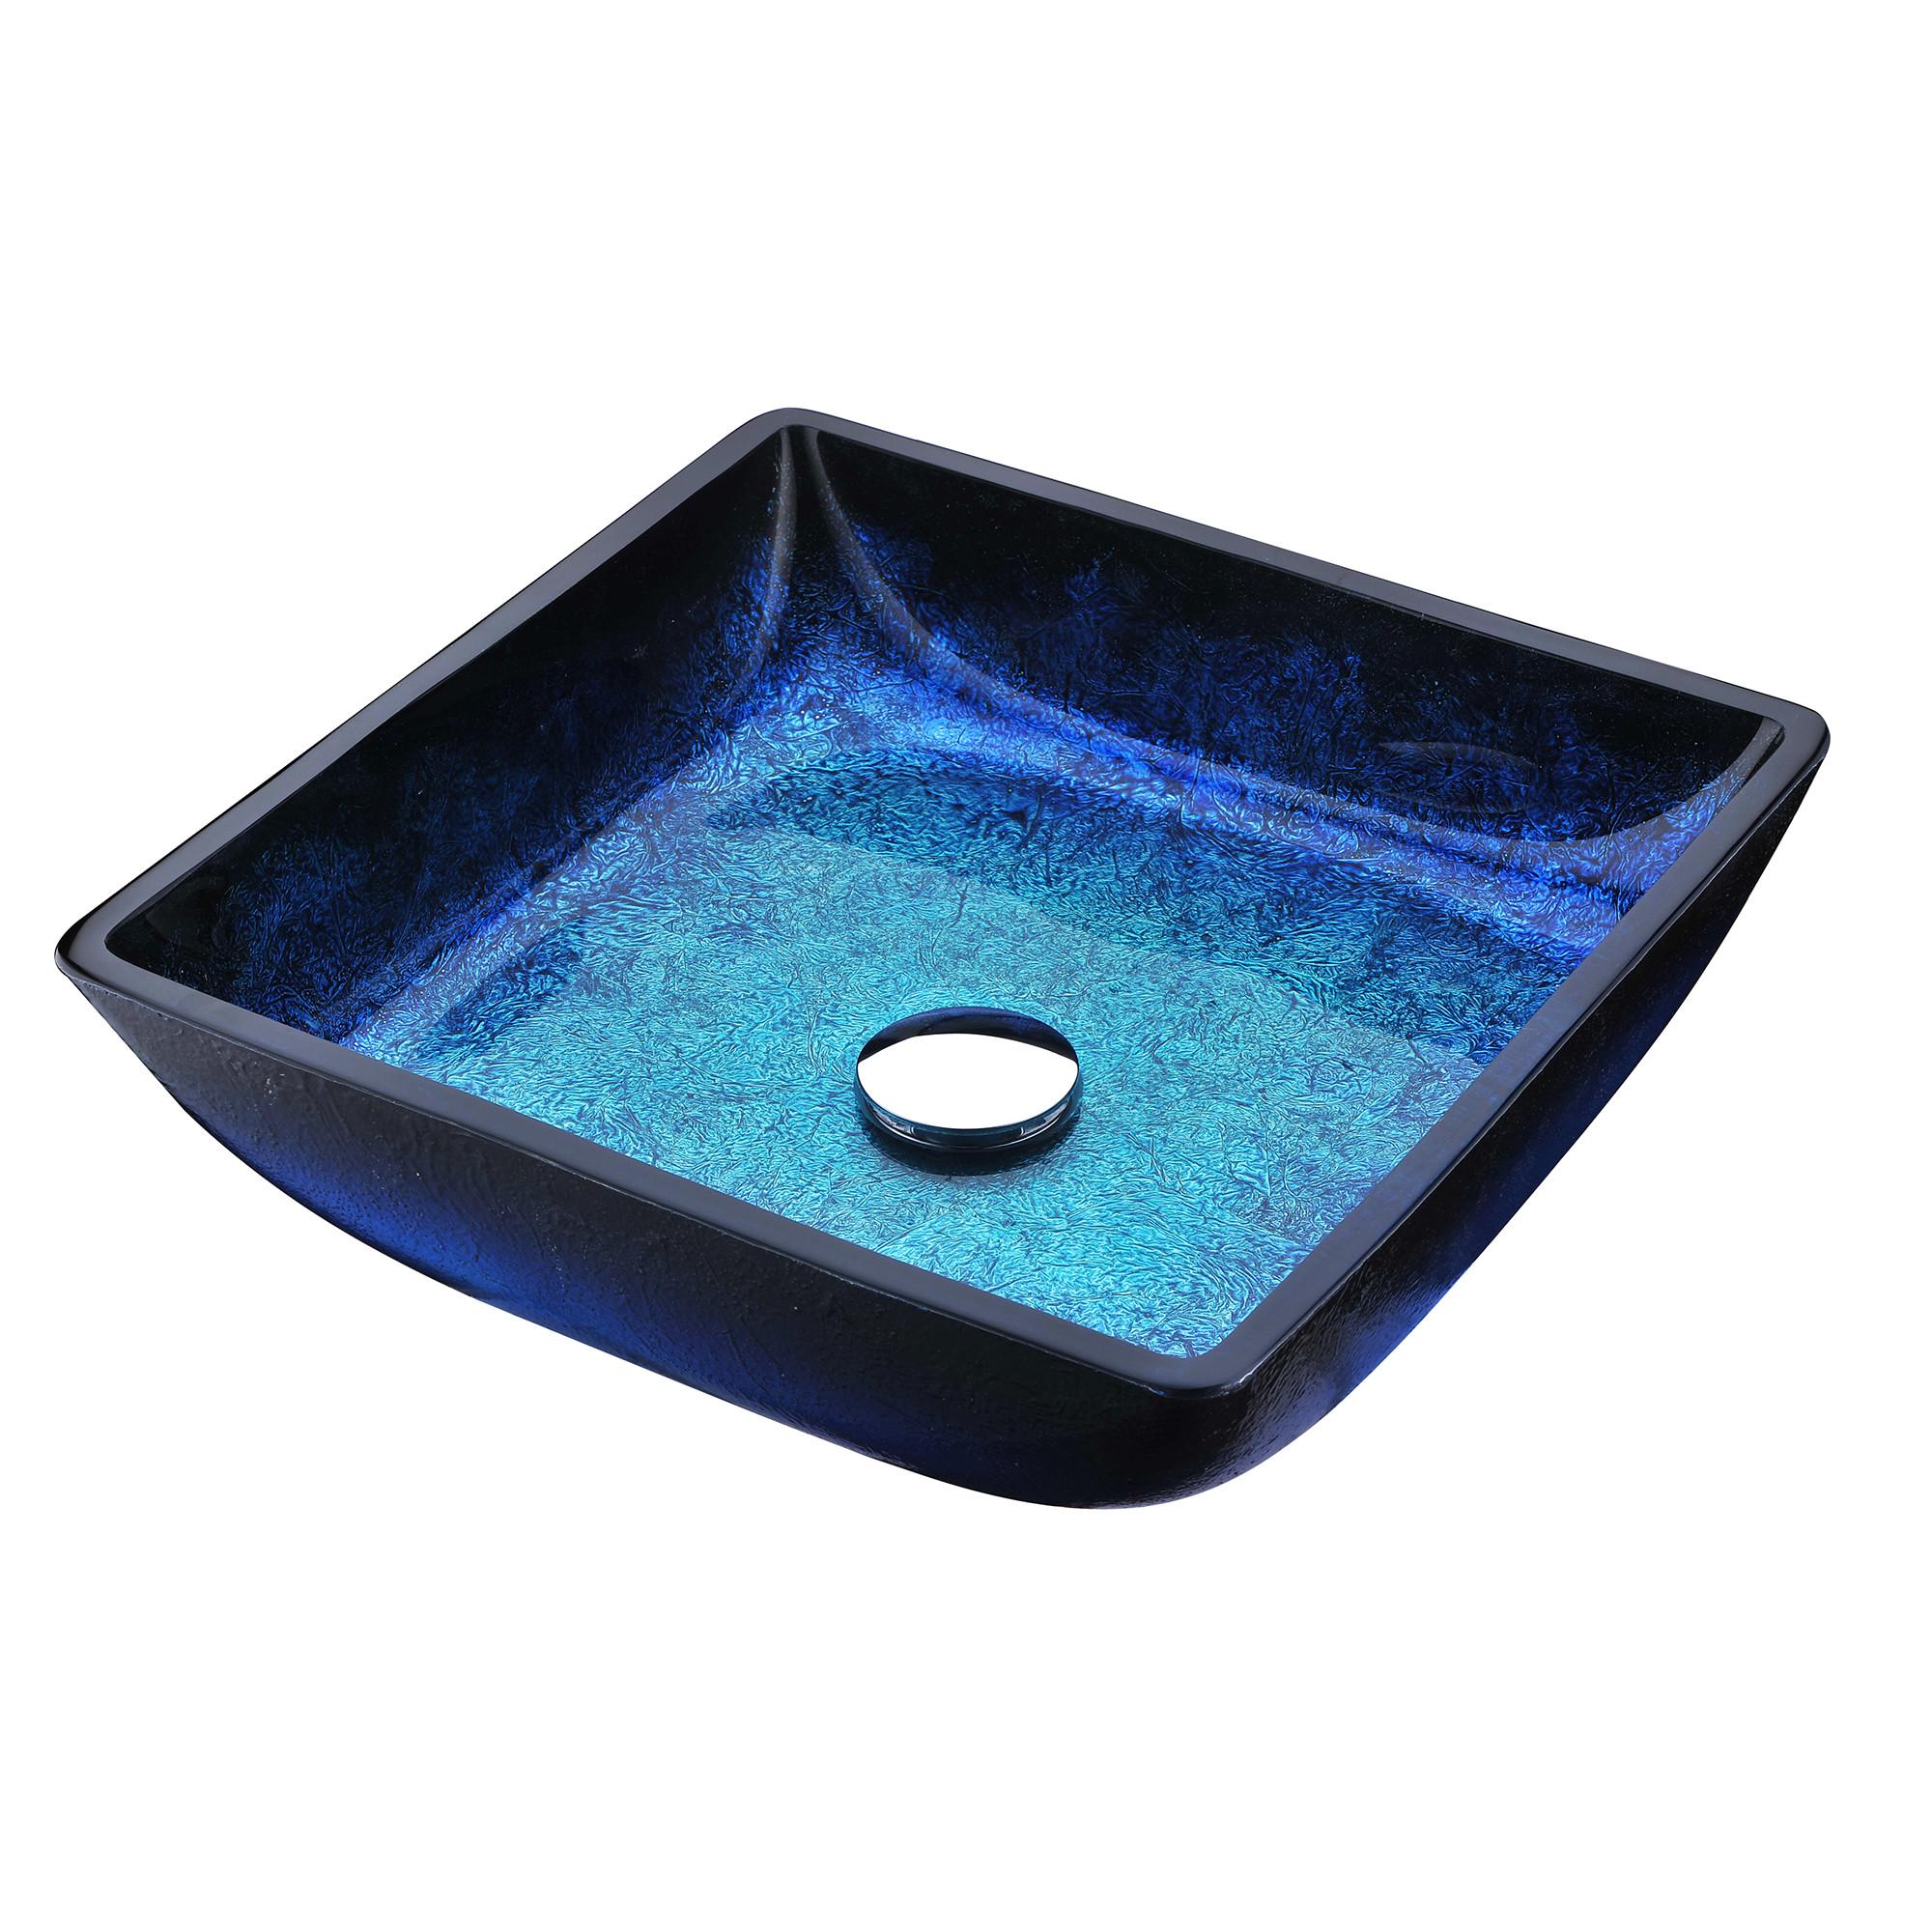 ANZZI LS-AZ056 Viace Series Deco-Glass Vessel Sink In Blazing Blue